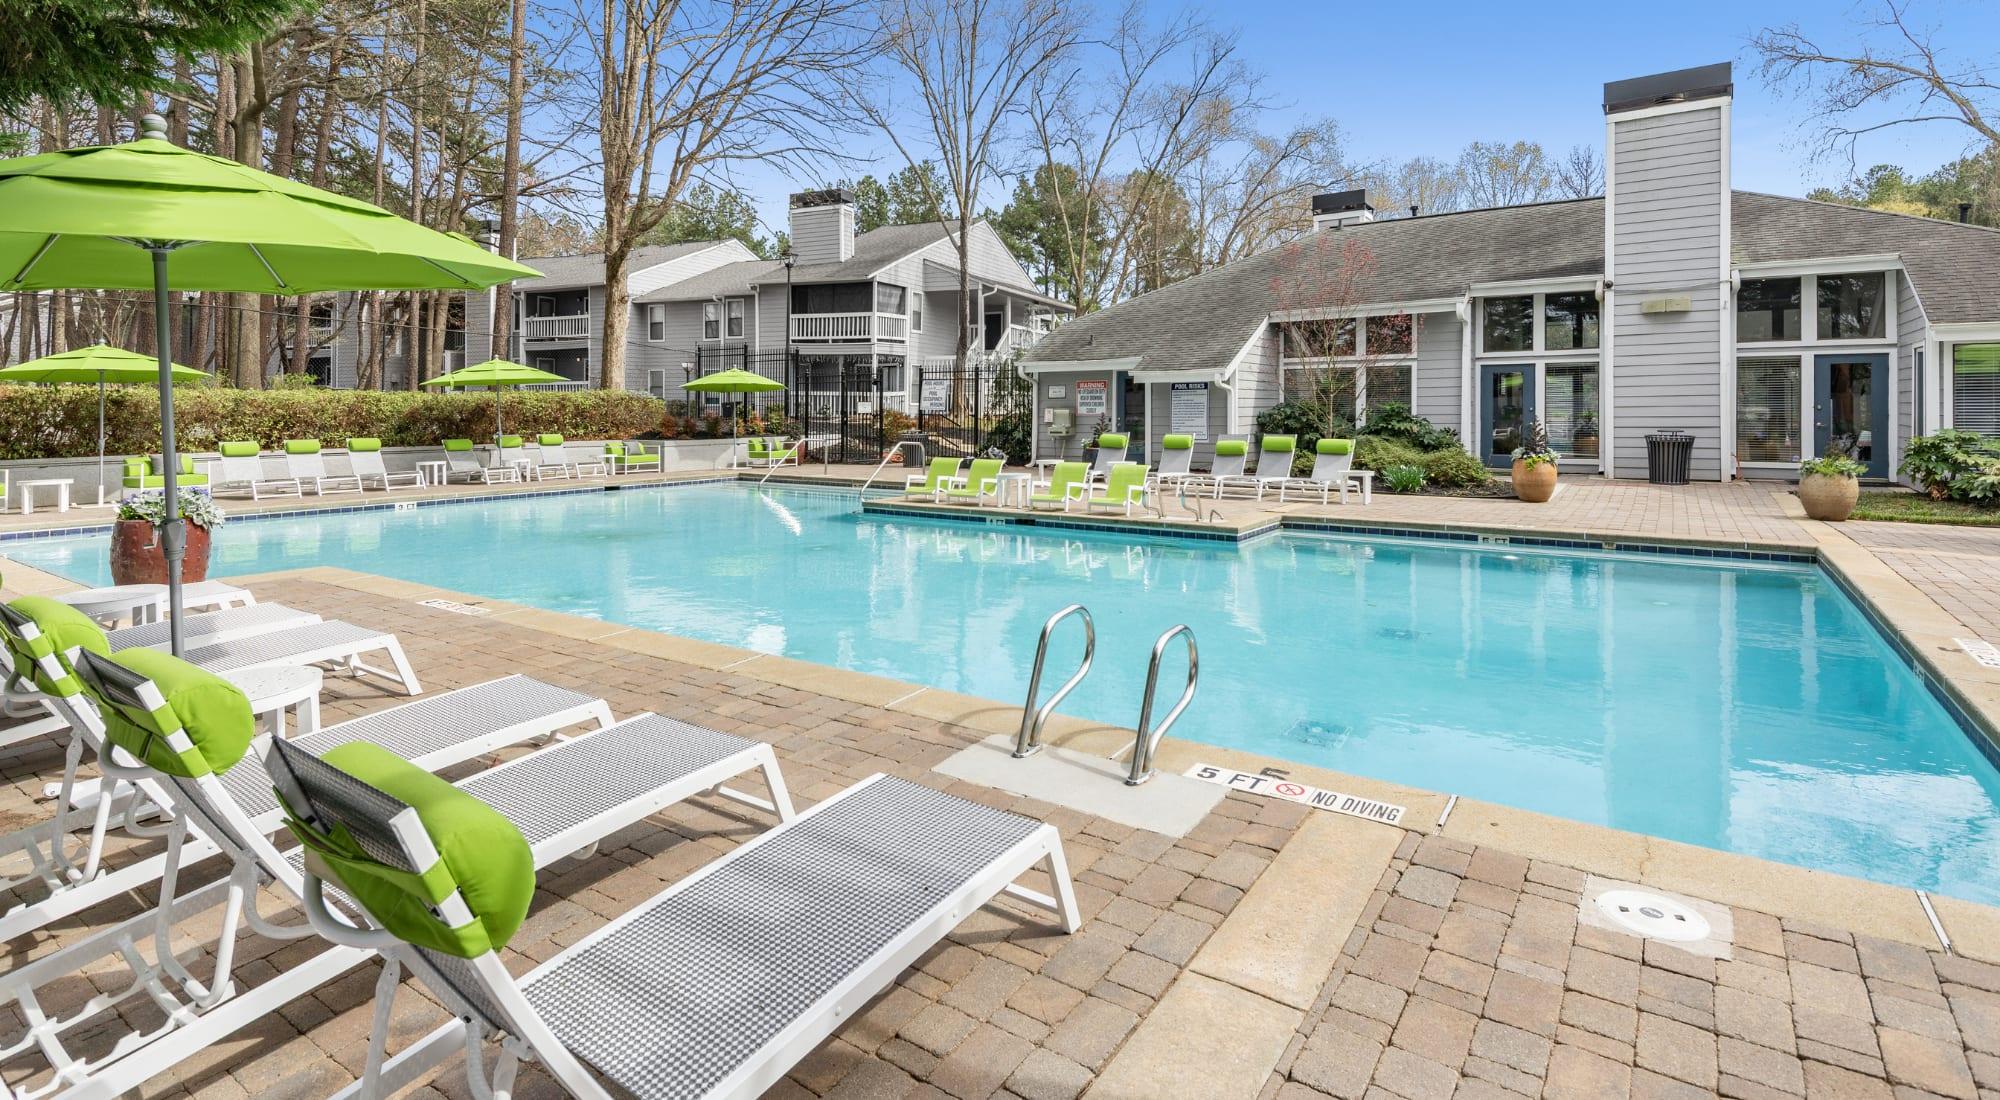 Swimming pooll at The Franklin in Marietta, Georgia